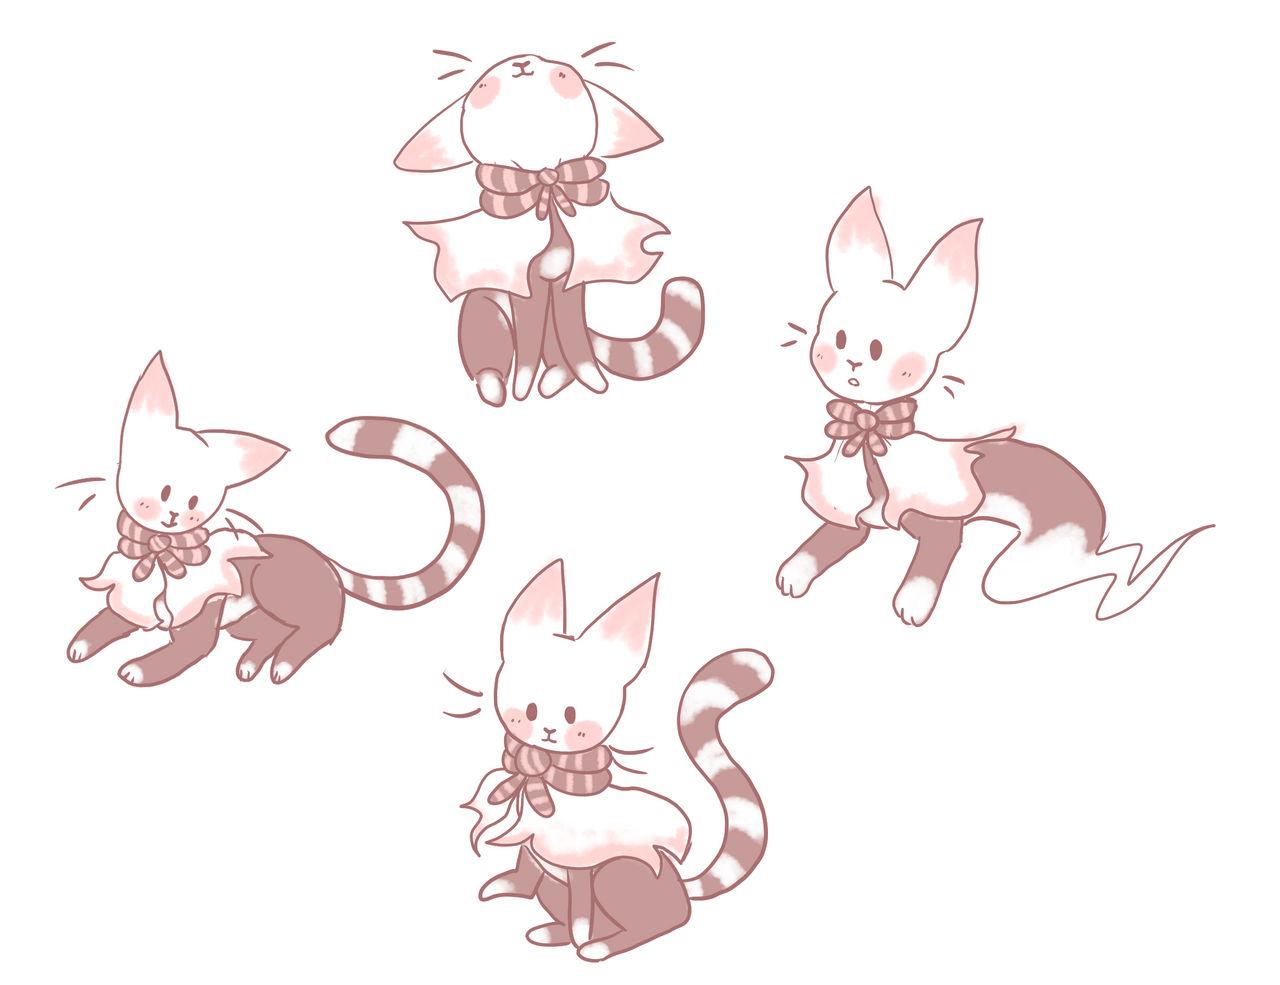 cat cat cat cat... goose?